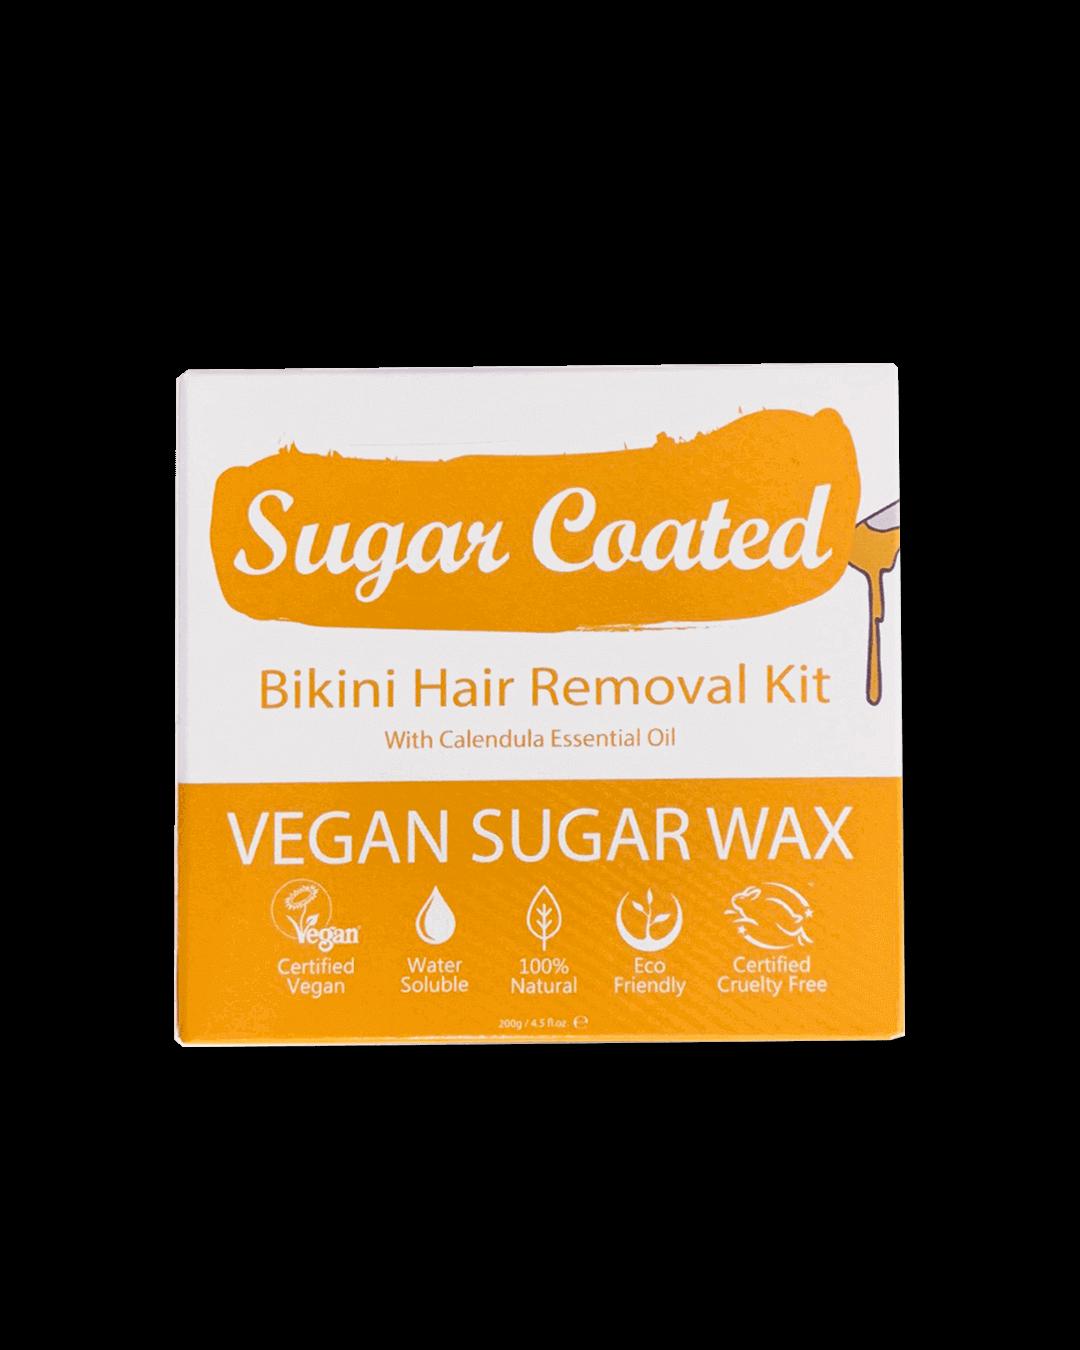 Bikini Hair Removal Kit